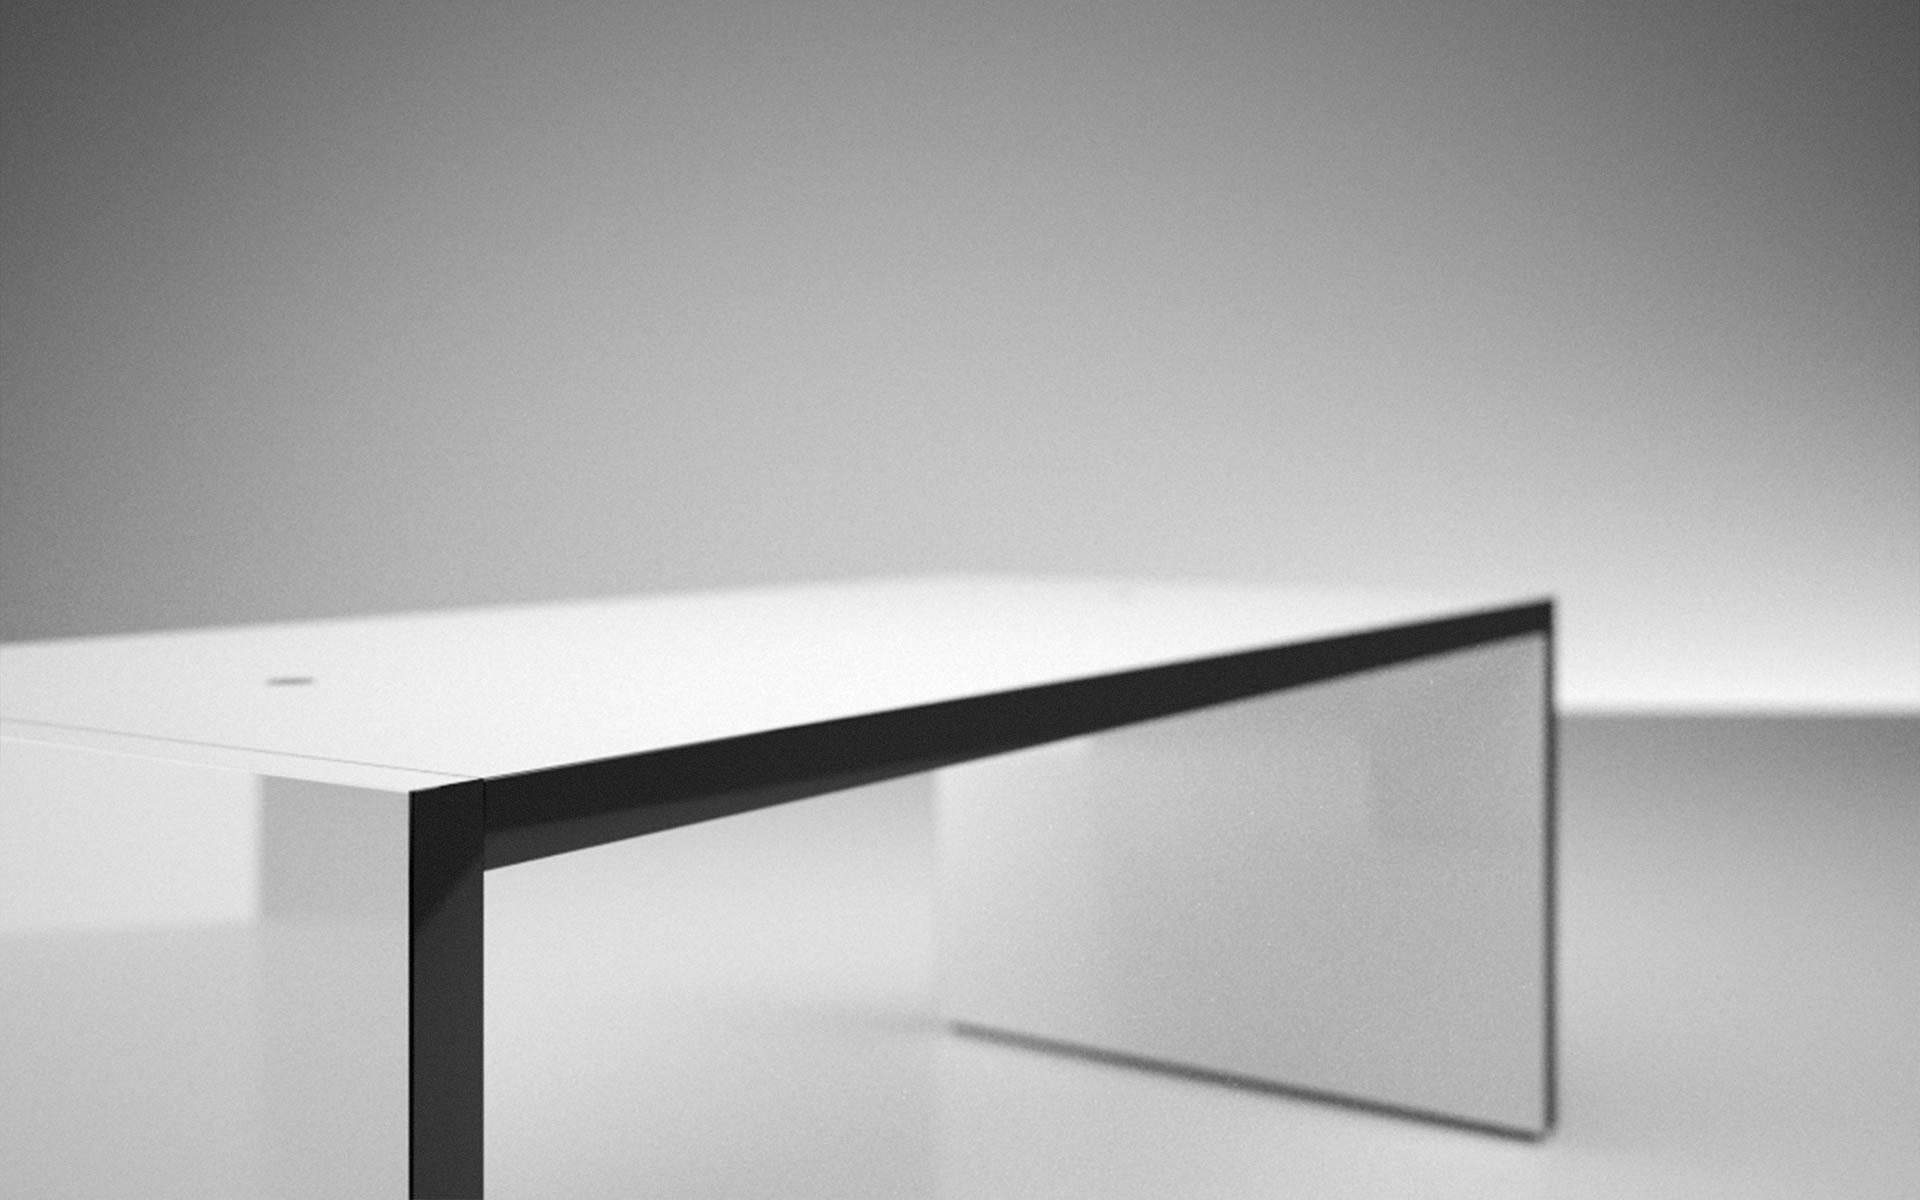 tisch faber online kaufen eleganter design tisch von rechteck. Black Bedroom Furniture Sets. Home Design Ideas